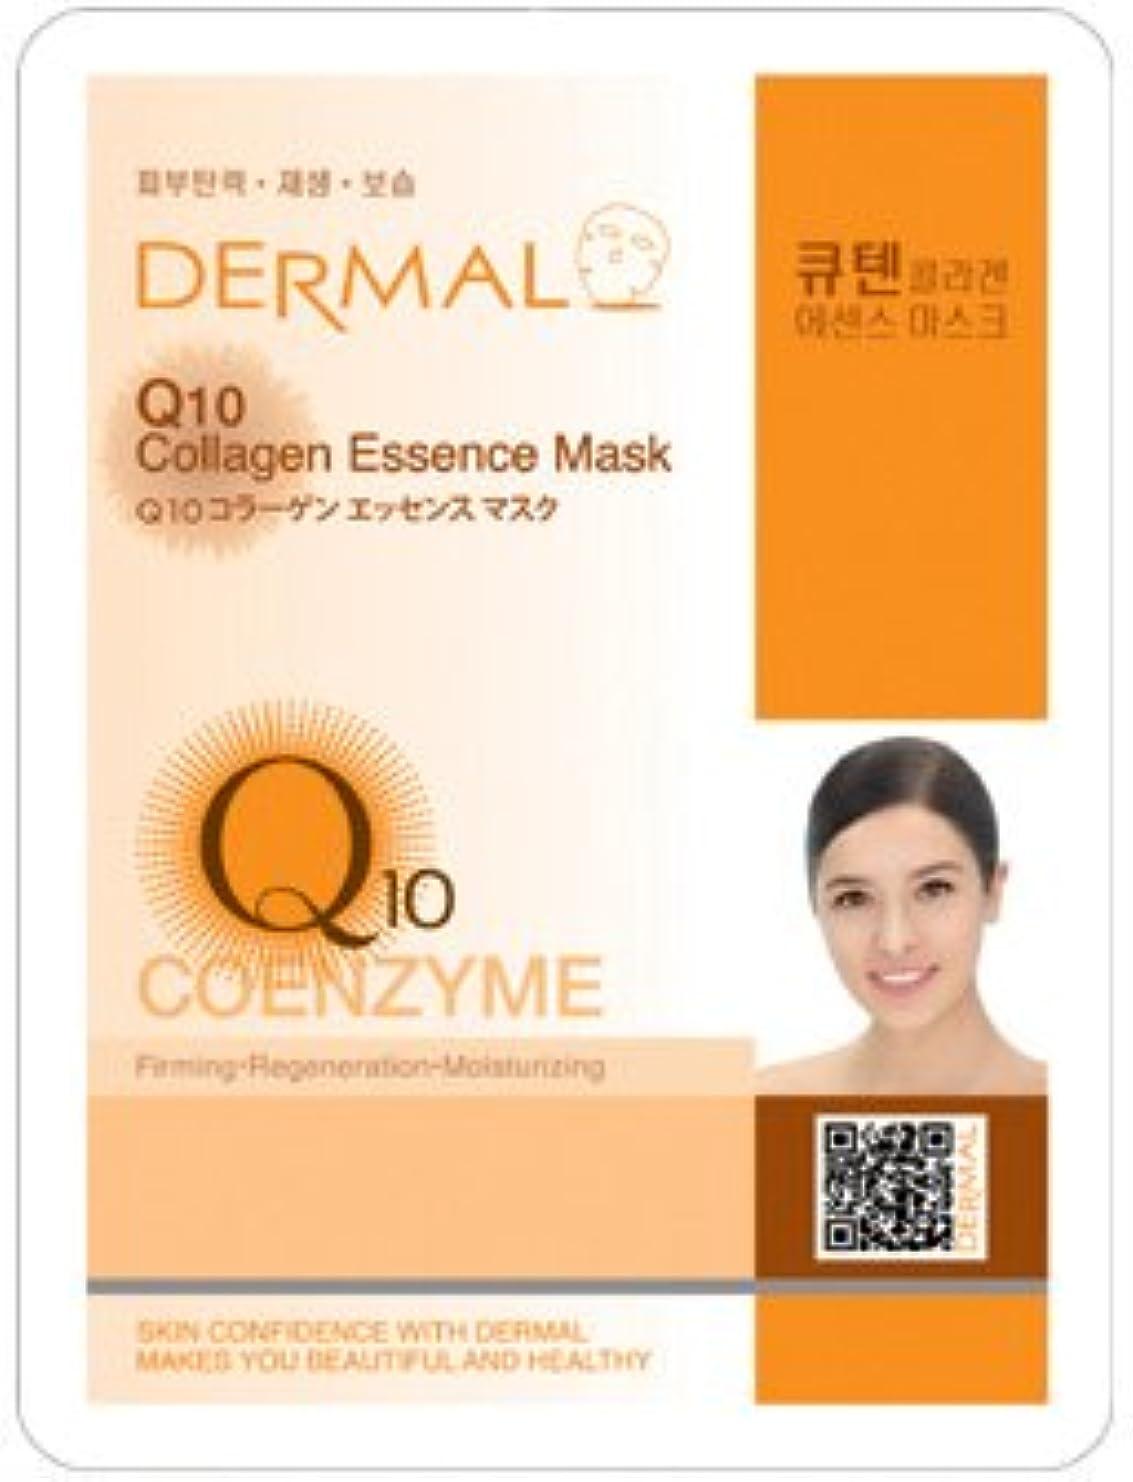 シフトゲスト課税シートマスク Q10 コエンザイム 10枚セット ダーマル(Dermal) フェイス パック